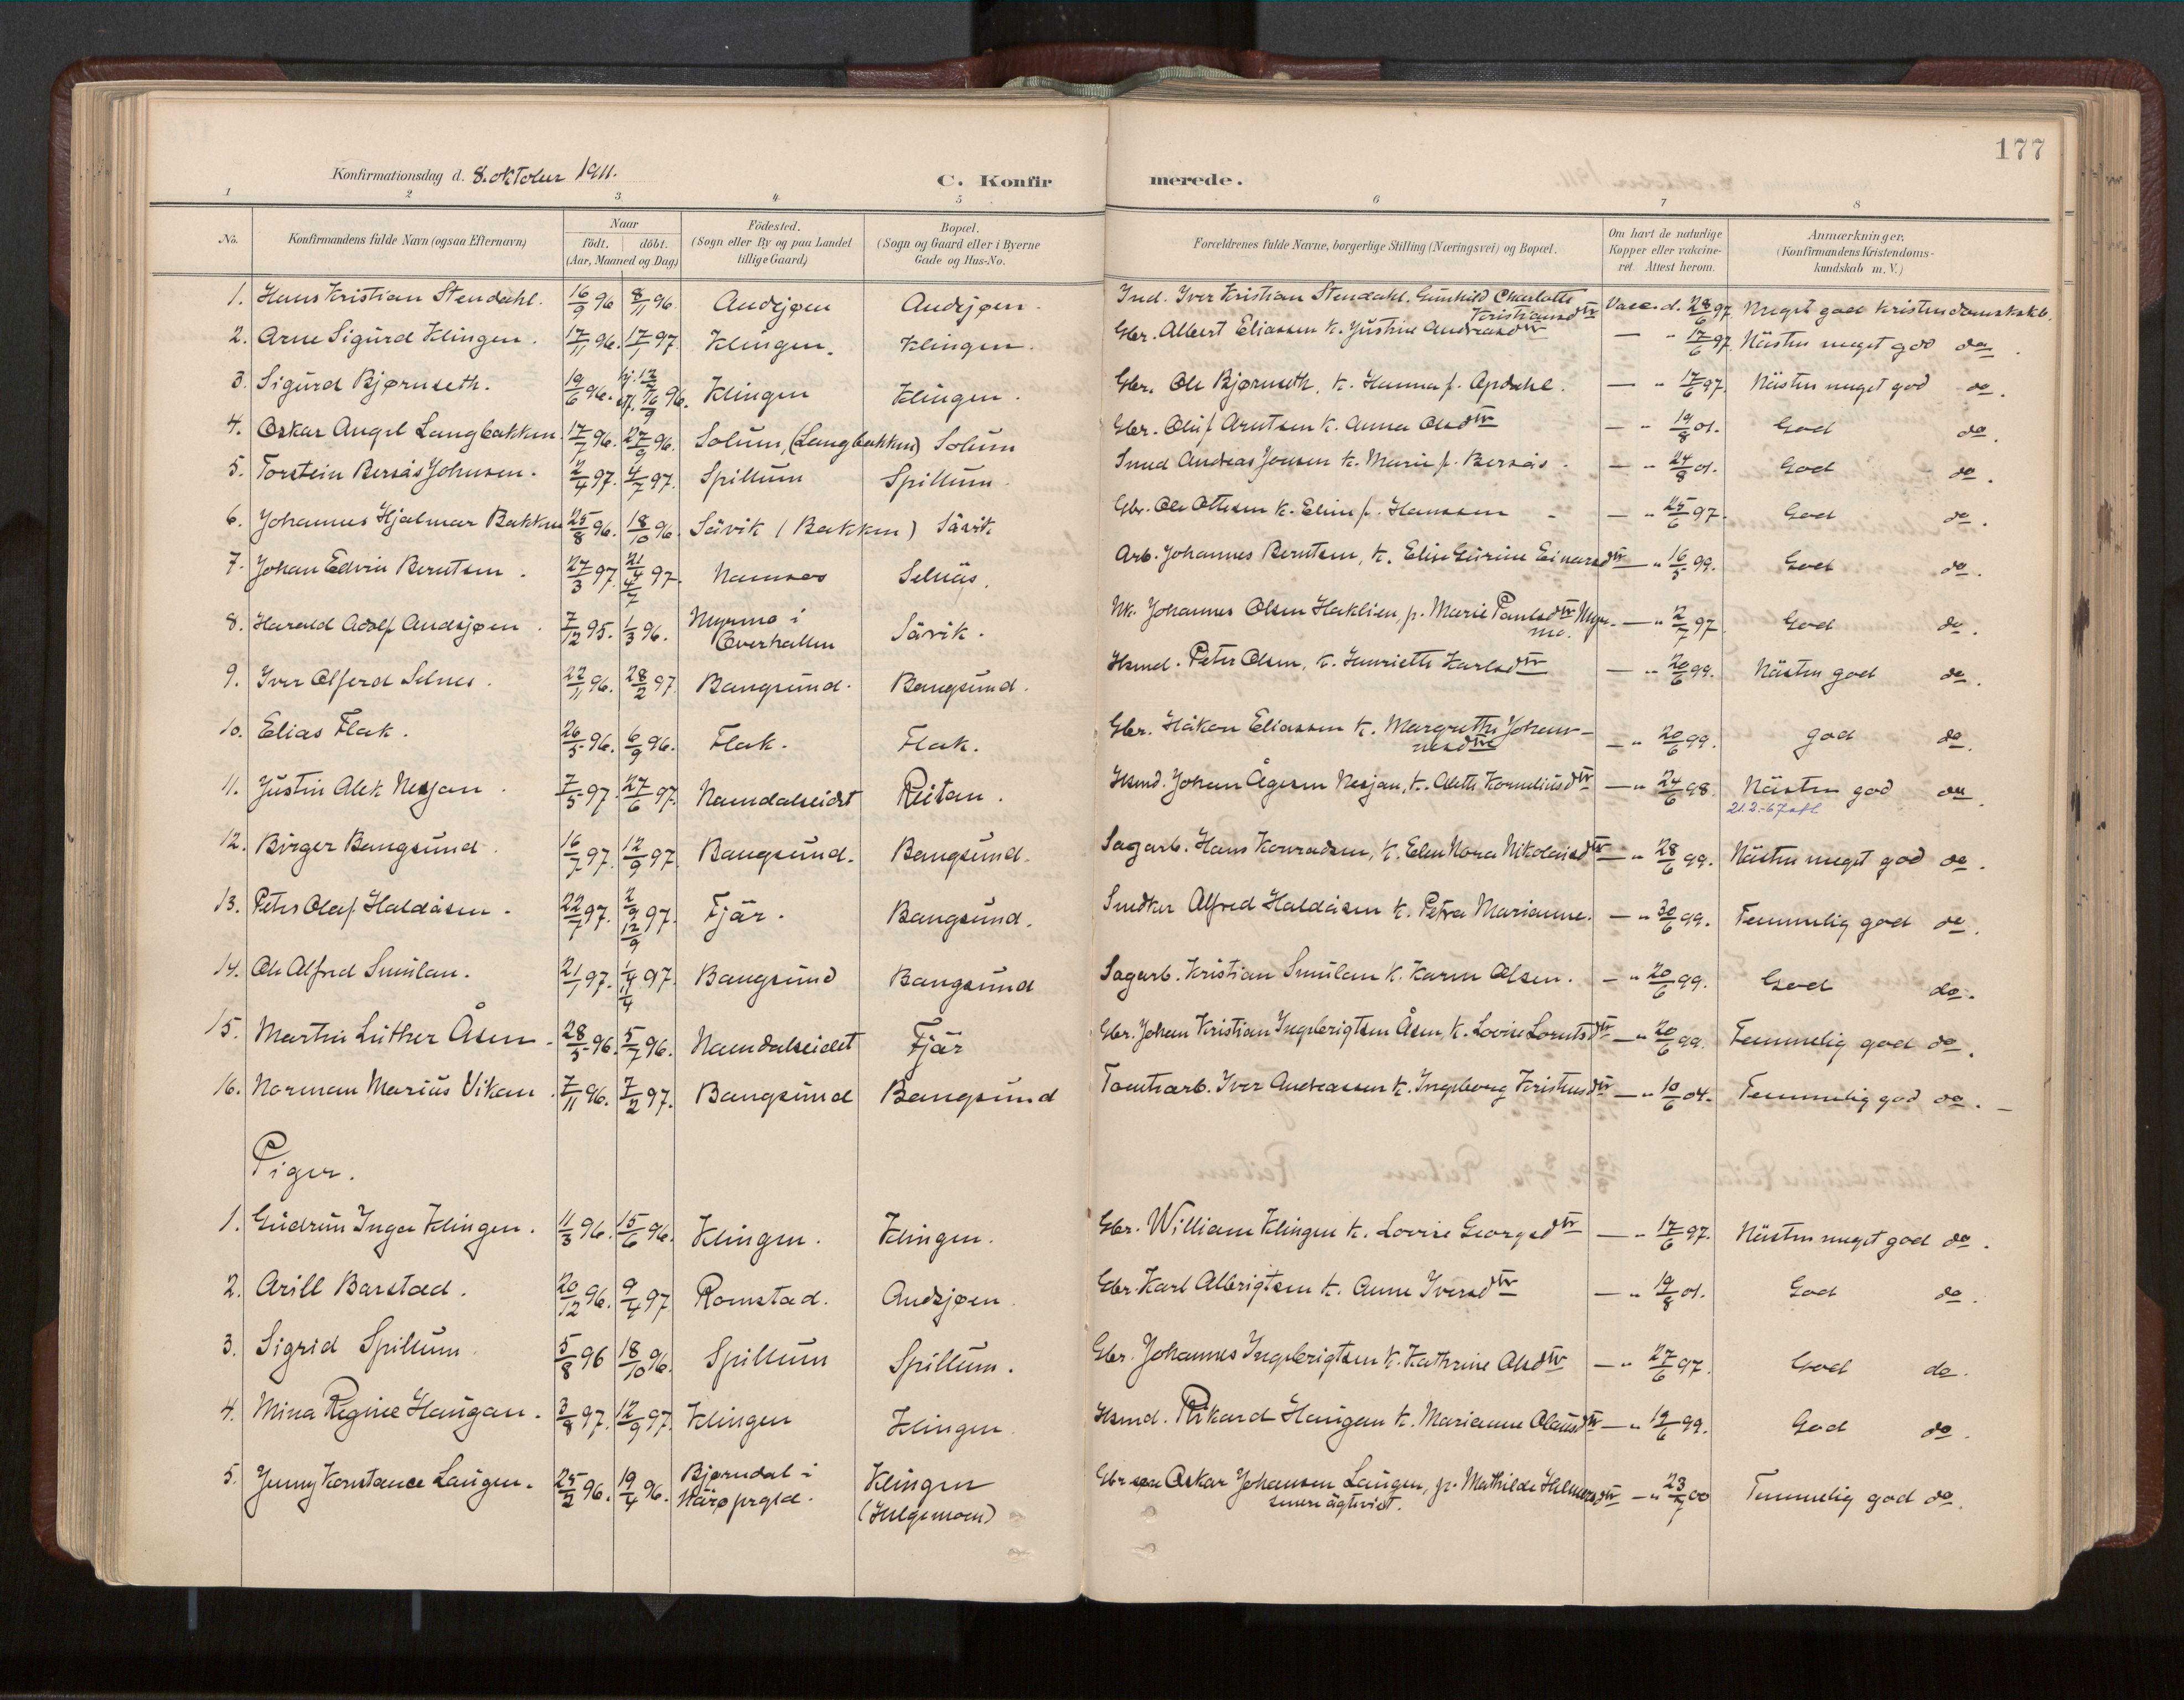 SAT, Ministerialprotokoller, klokkerbøker og fødselsregistre - Nord-Trøndelag, 770/L0589: Ministerialbok nr. 770A03, 1887-1929, s. 177